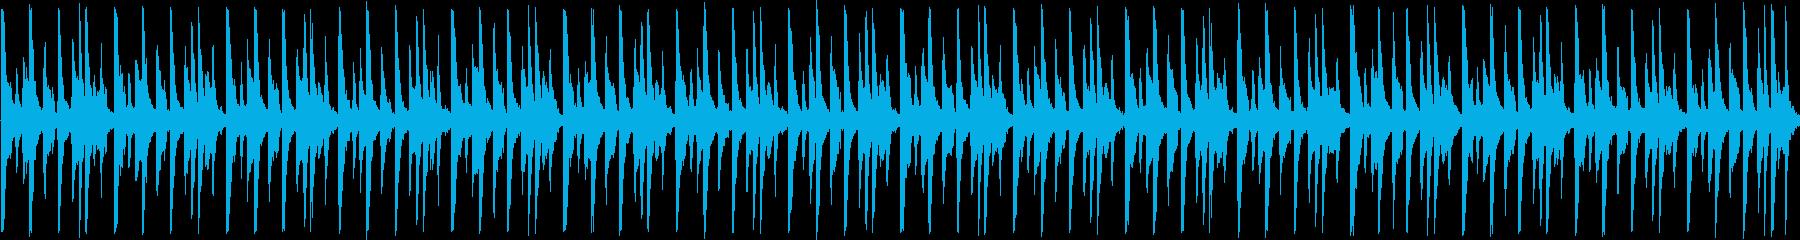 ディープハウス風ループ、紹介・宣伝動画にの再生済みの波形